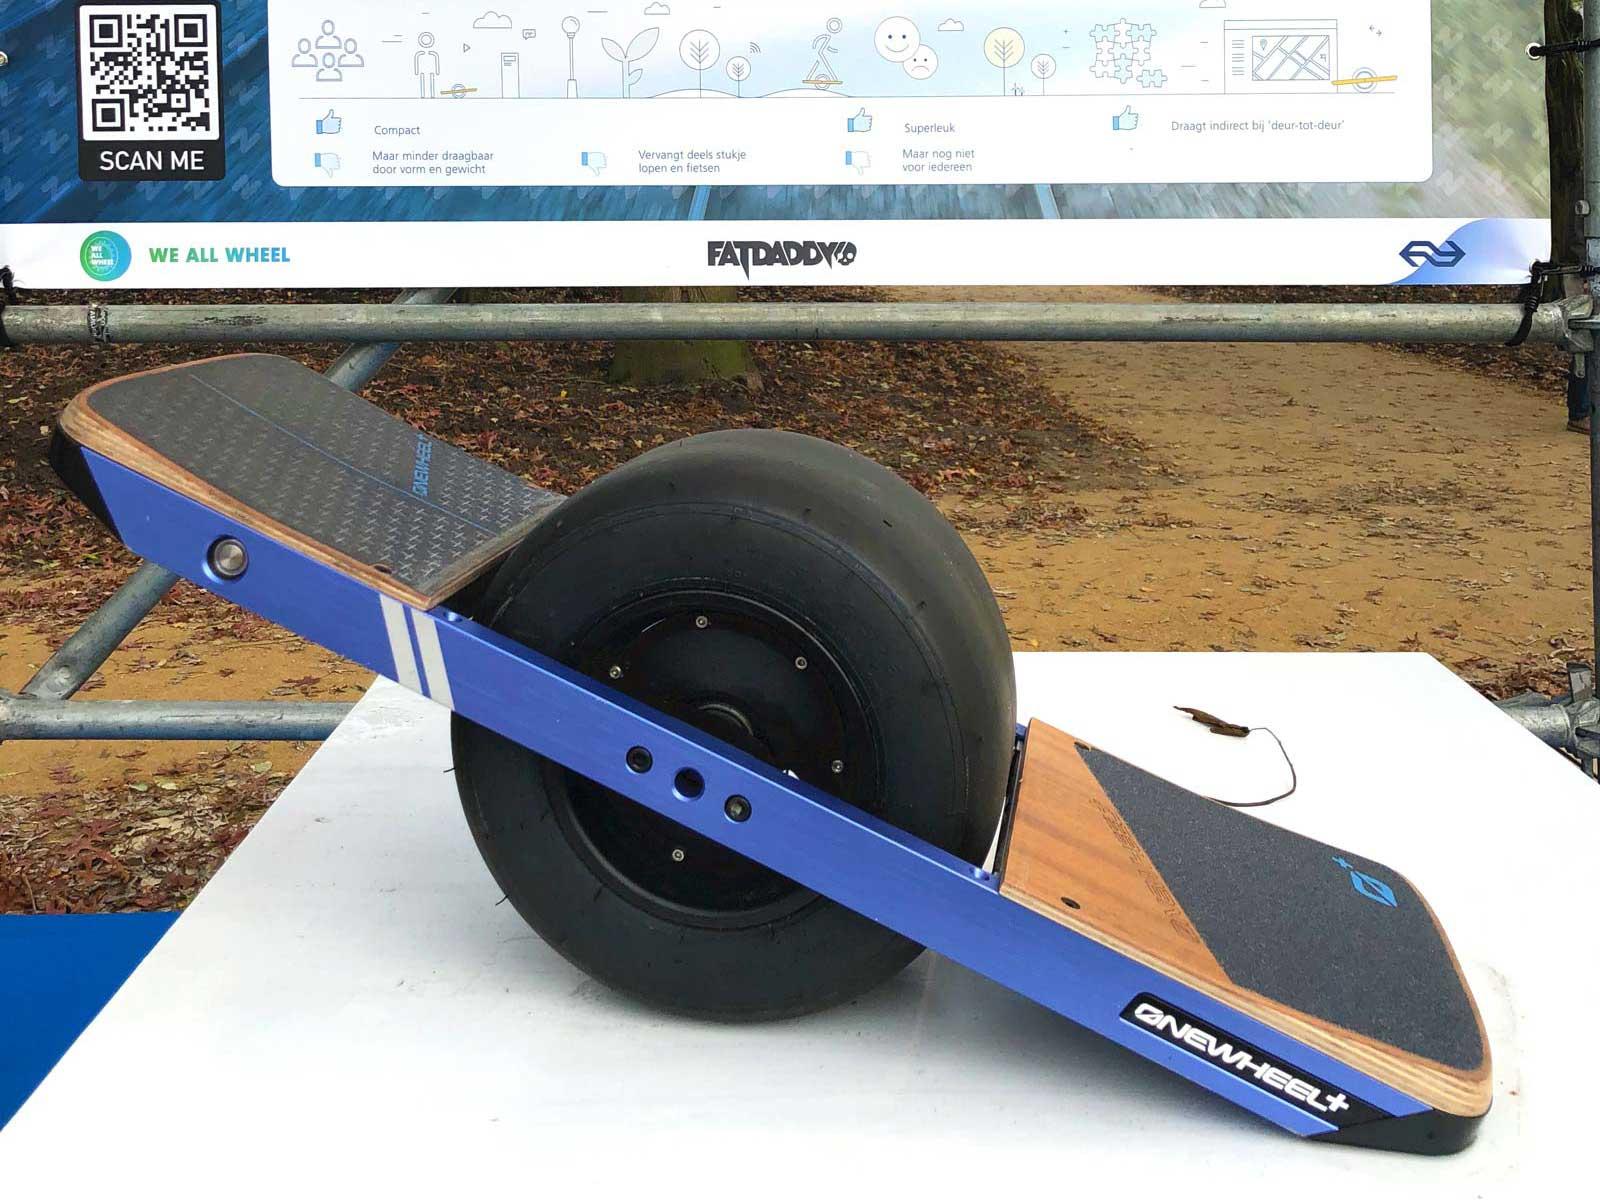 Skateboard mit einem dicken Rad in der Mitte